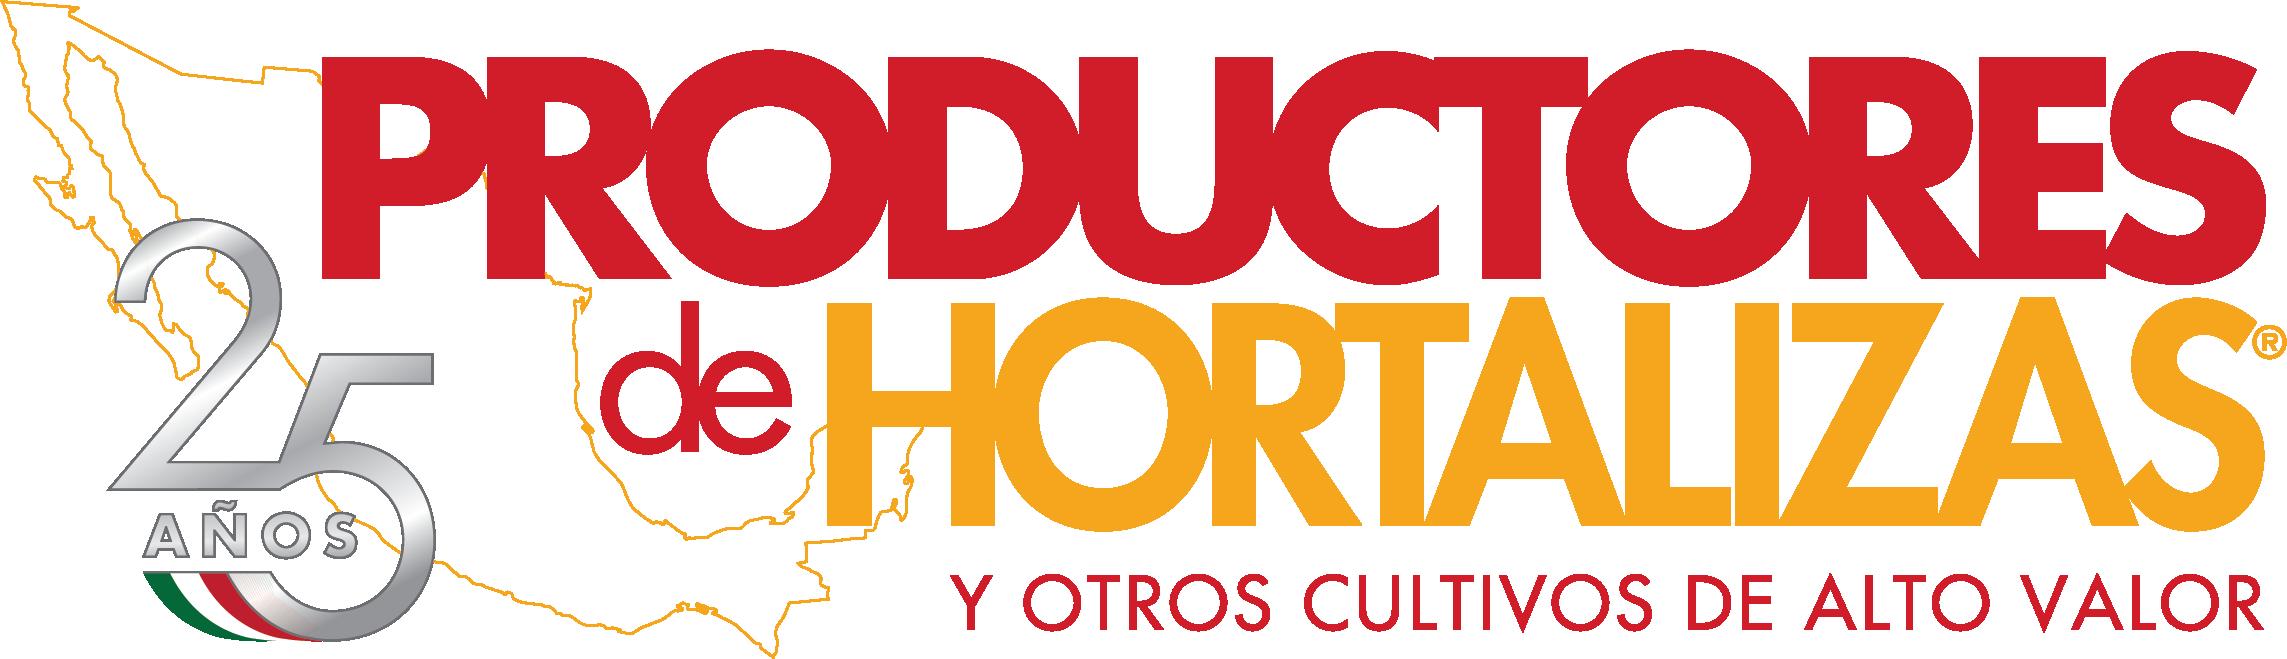 (English) Productos Hortalizas